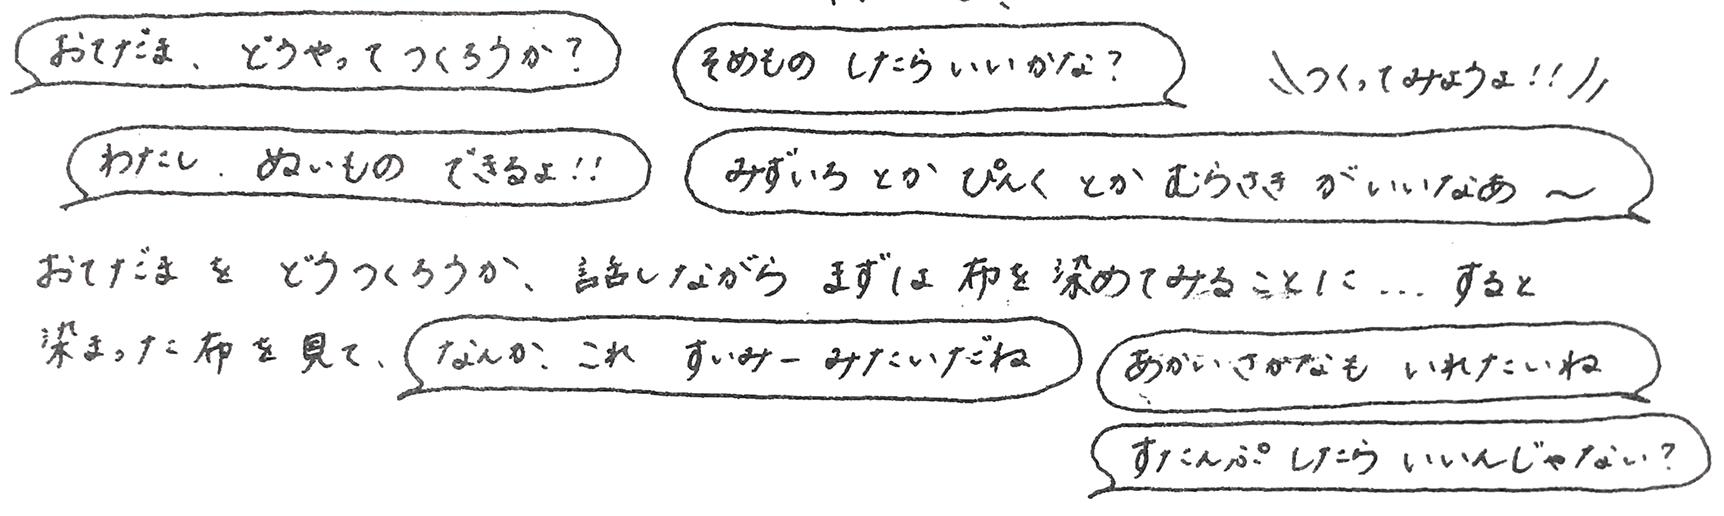 asobi01-10